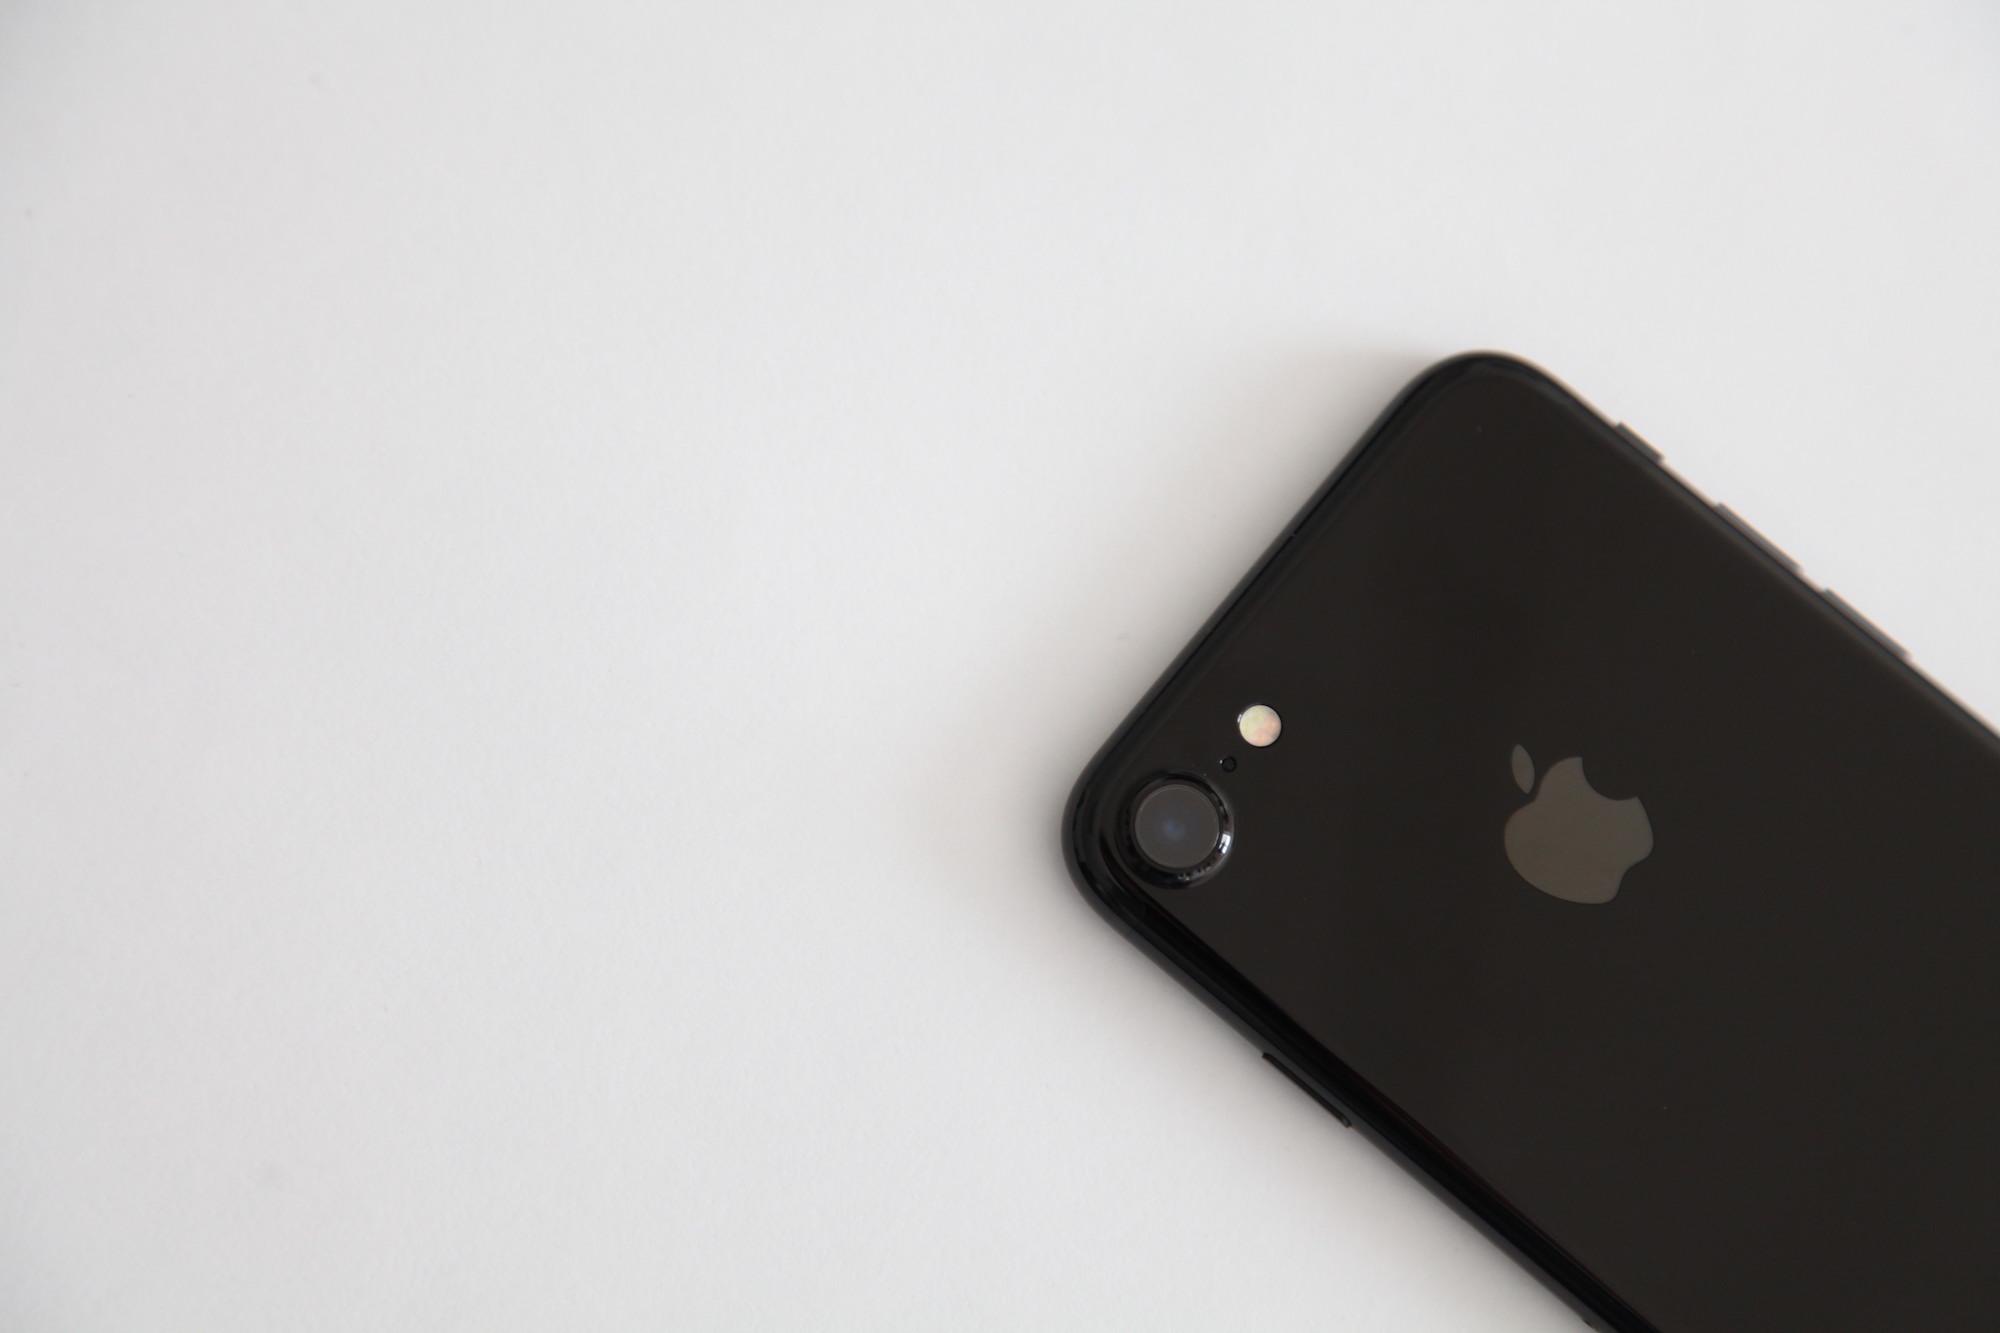 L'iPad Pro 2018 abandonnerait le Lightning au profit de l'USB-C